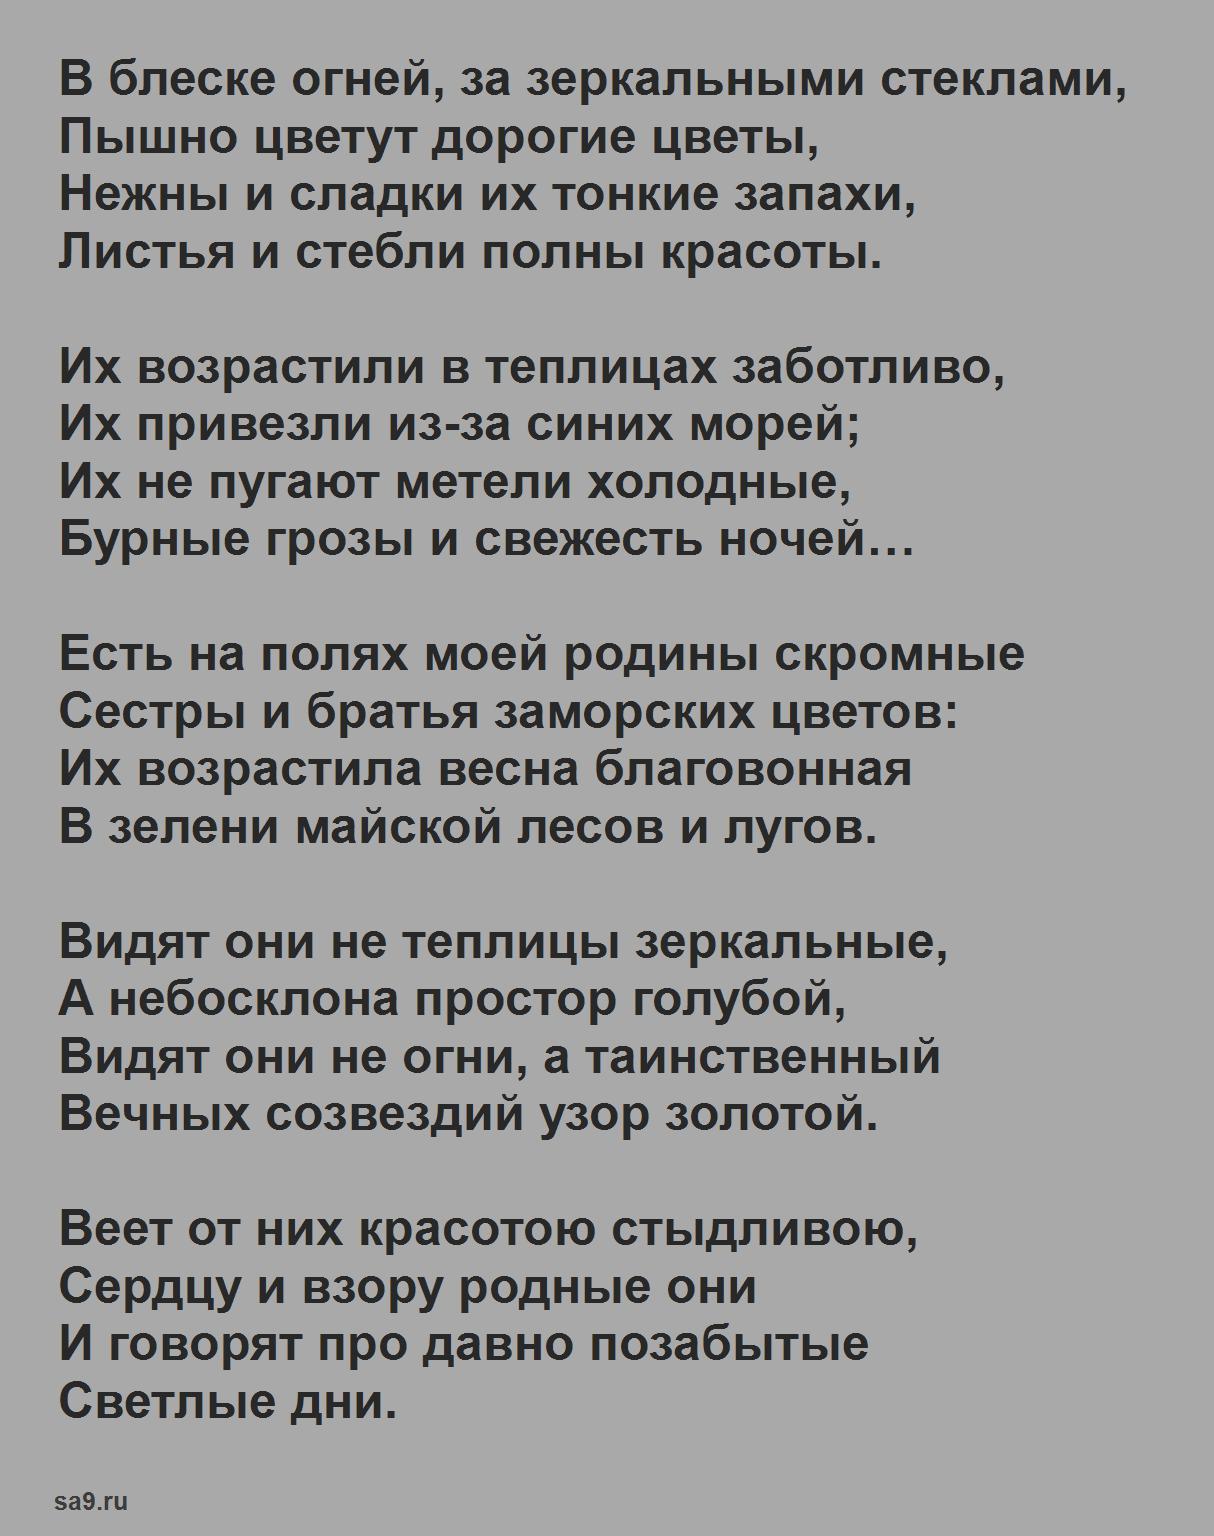 Читать стихи Бунина - Полевые цветы